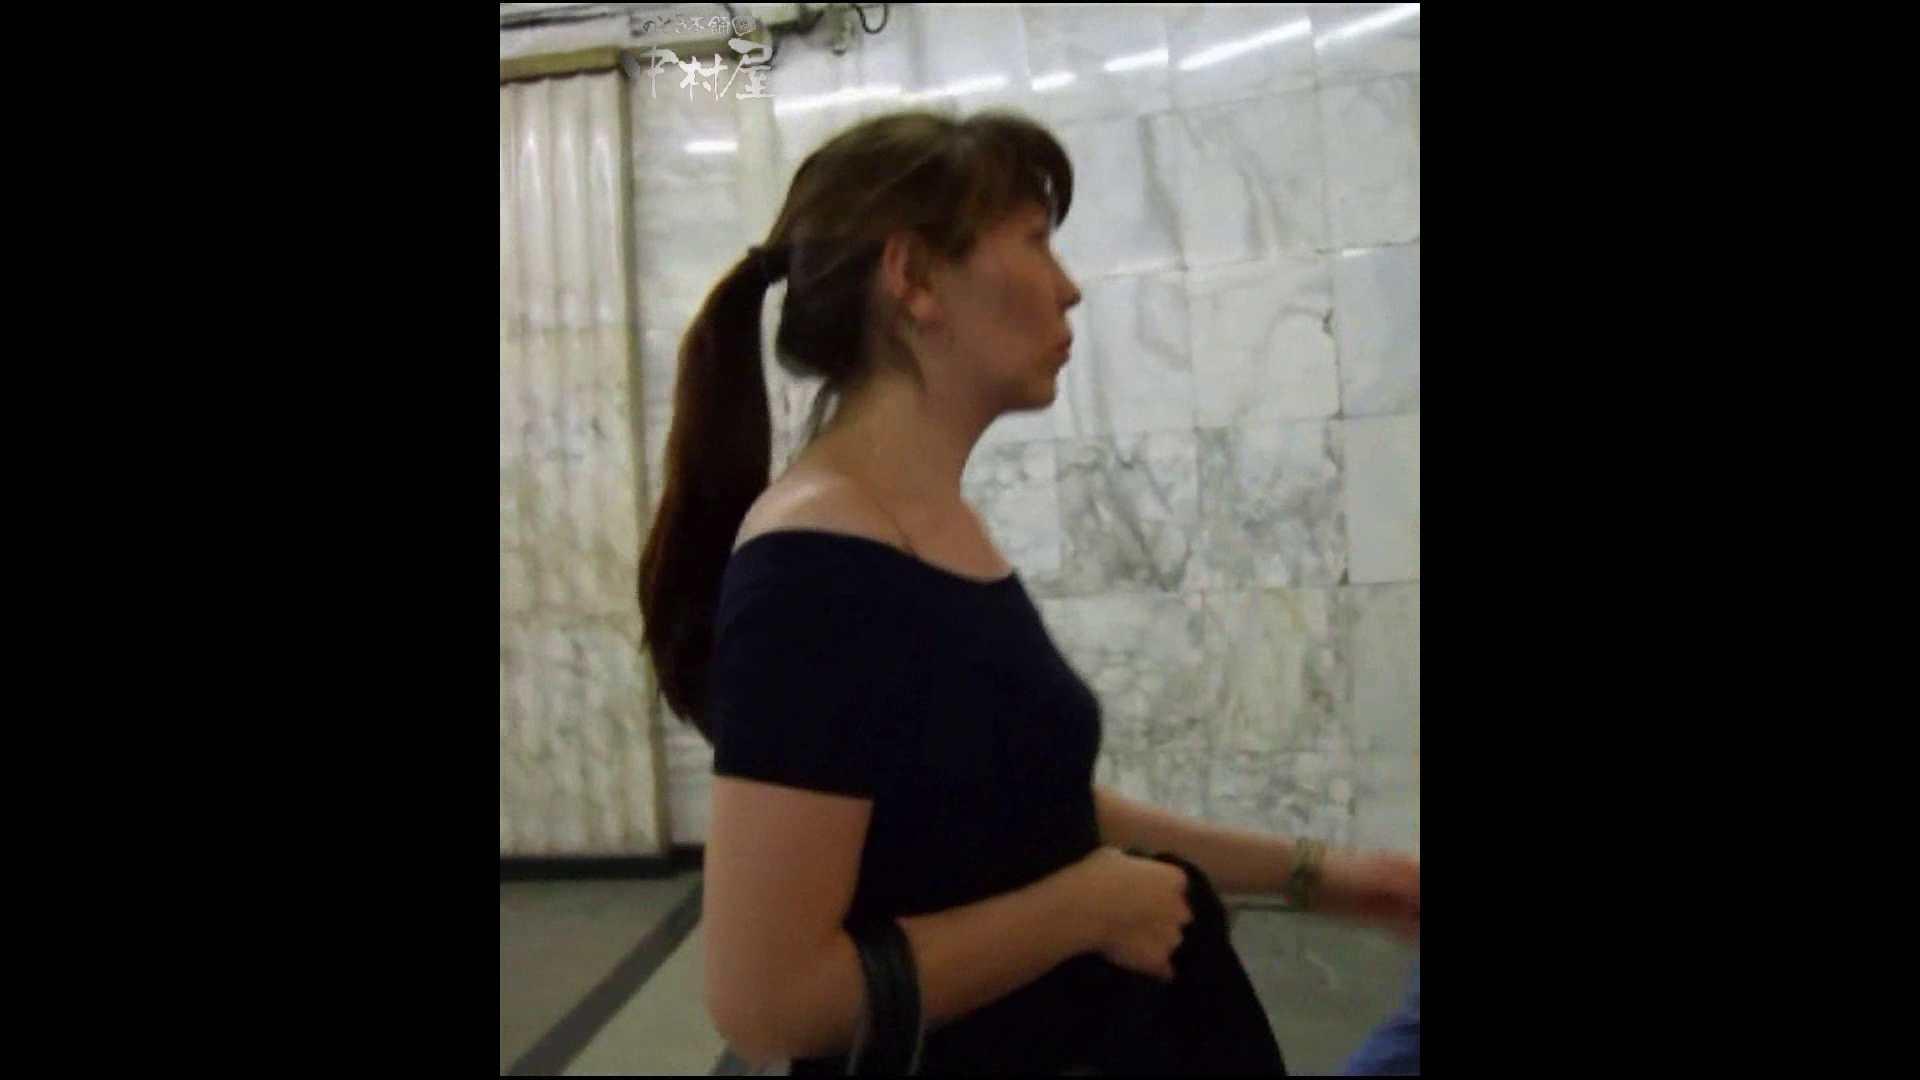 綺麗なモデルさんのスカート捲っちゃおう‼ vol21 お姉さんヌード | OLセックス  100画像 7